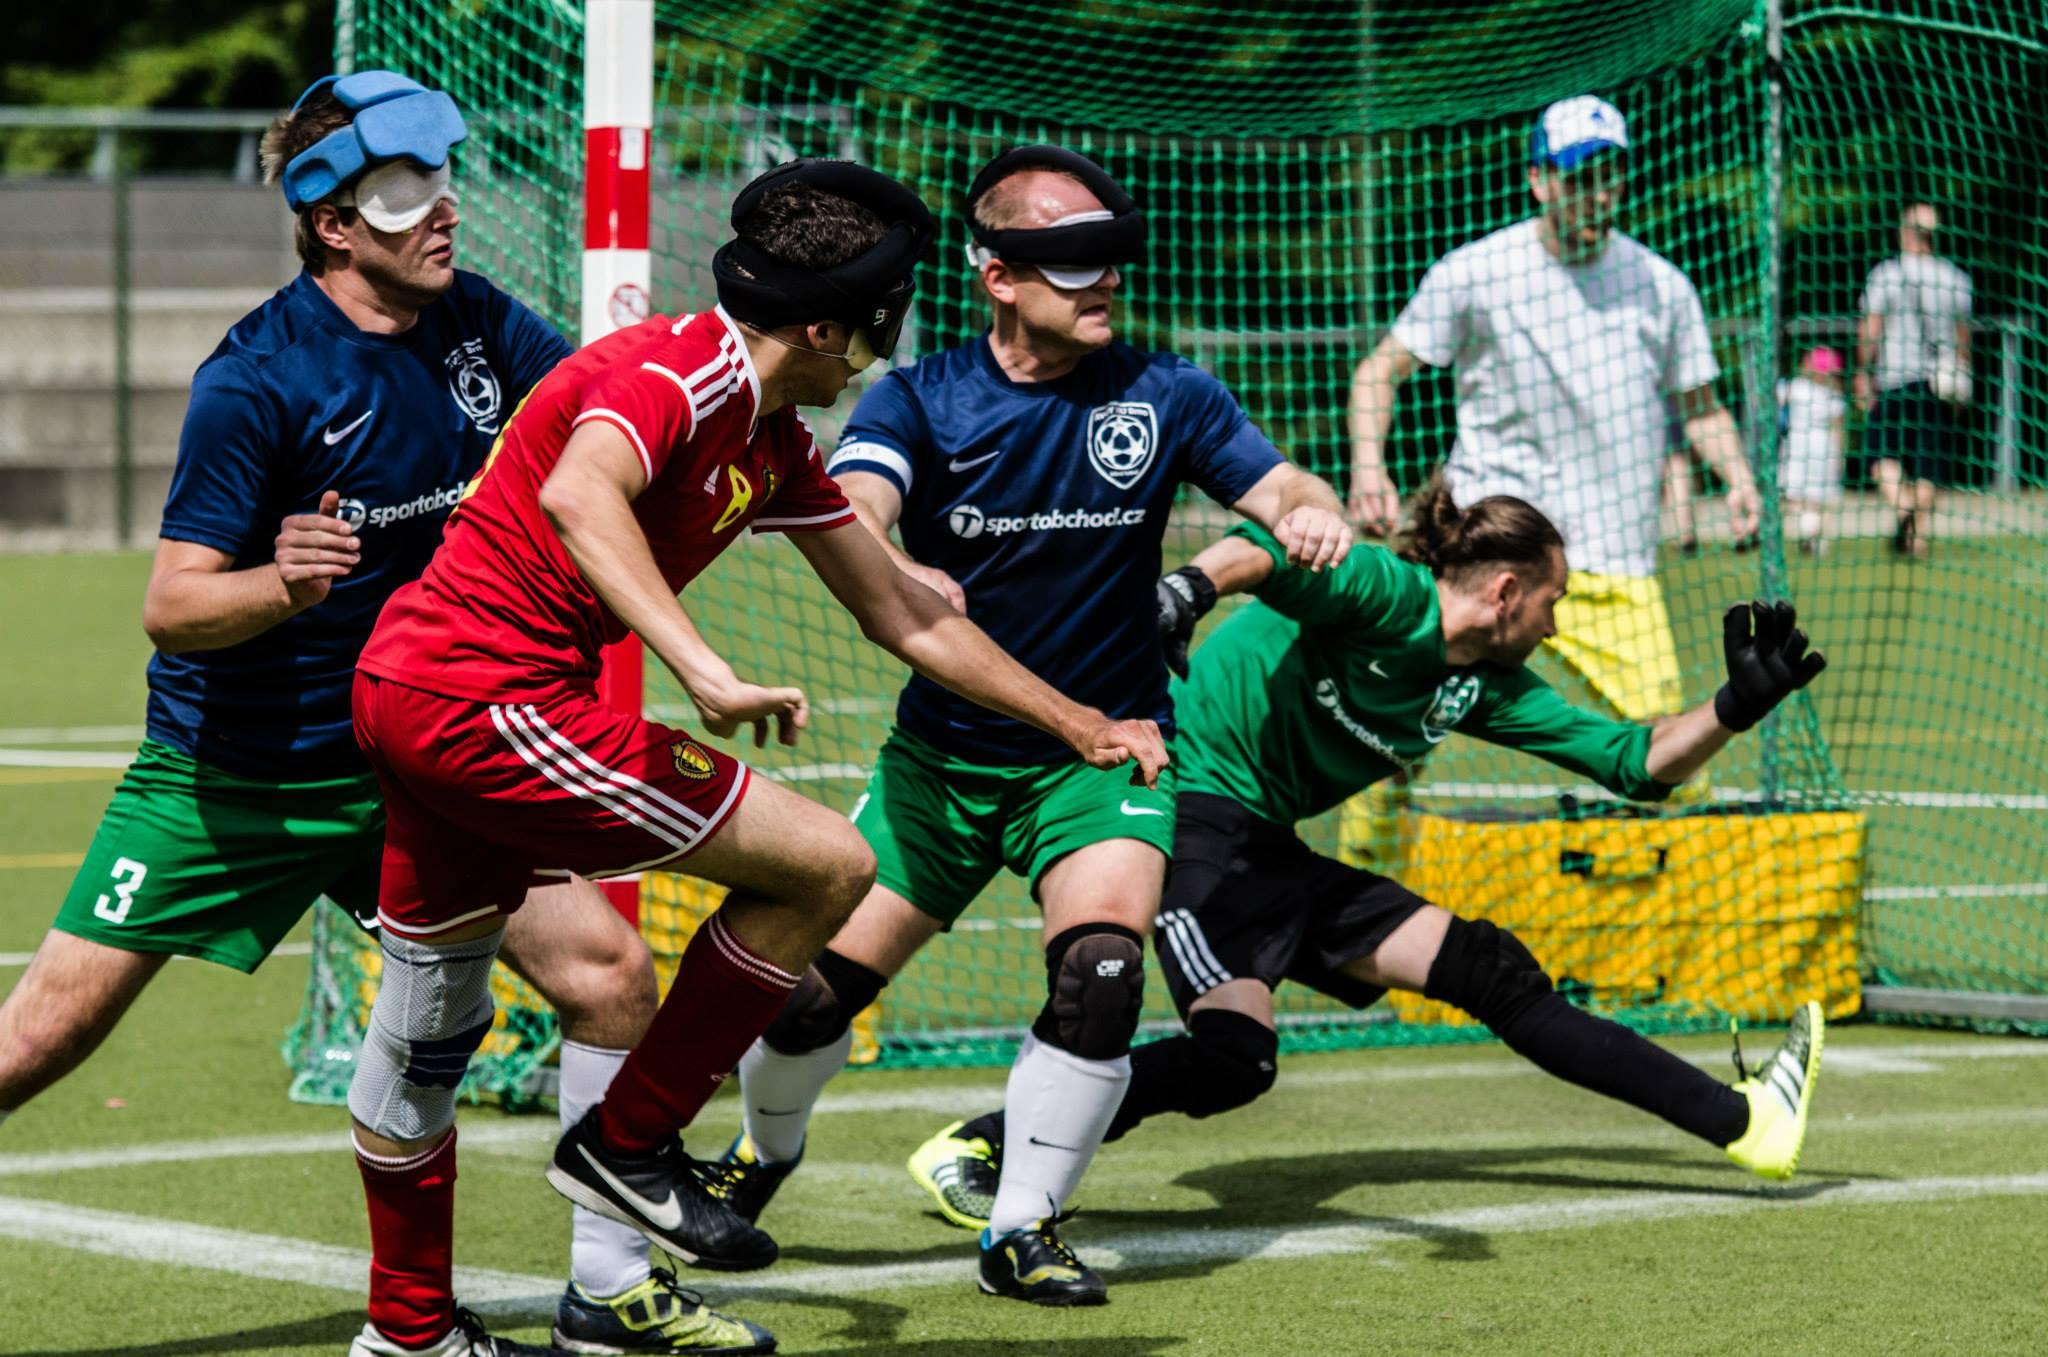 Ondřej (links), Aleš (mitte) und Torwart Tomáš beim Freundschaftsspiel gegen die belgische Nationalmannschaft